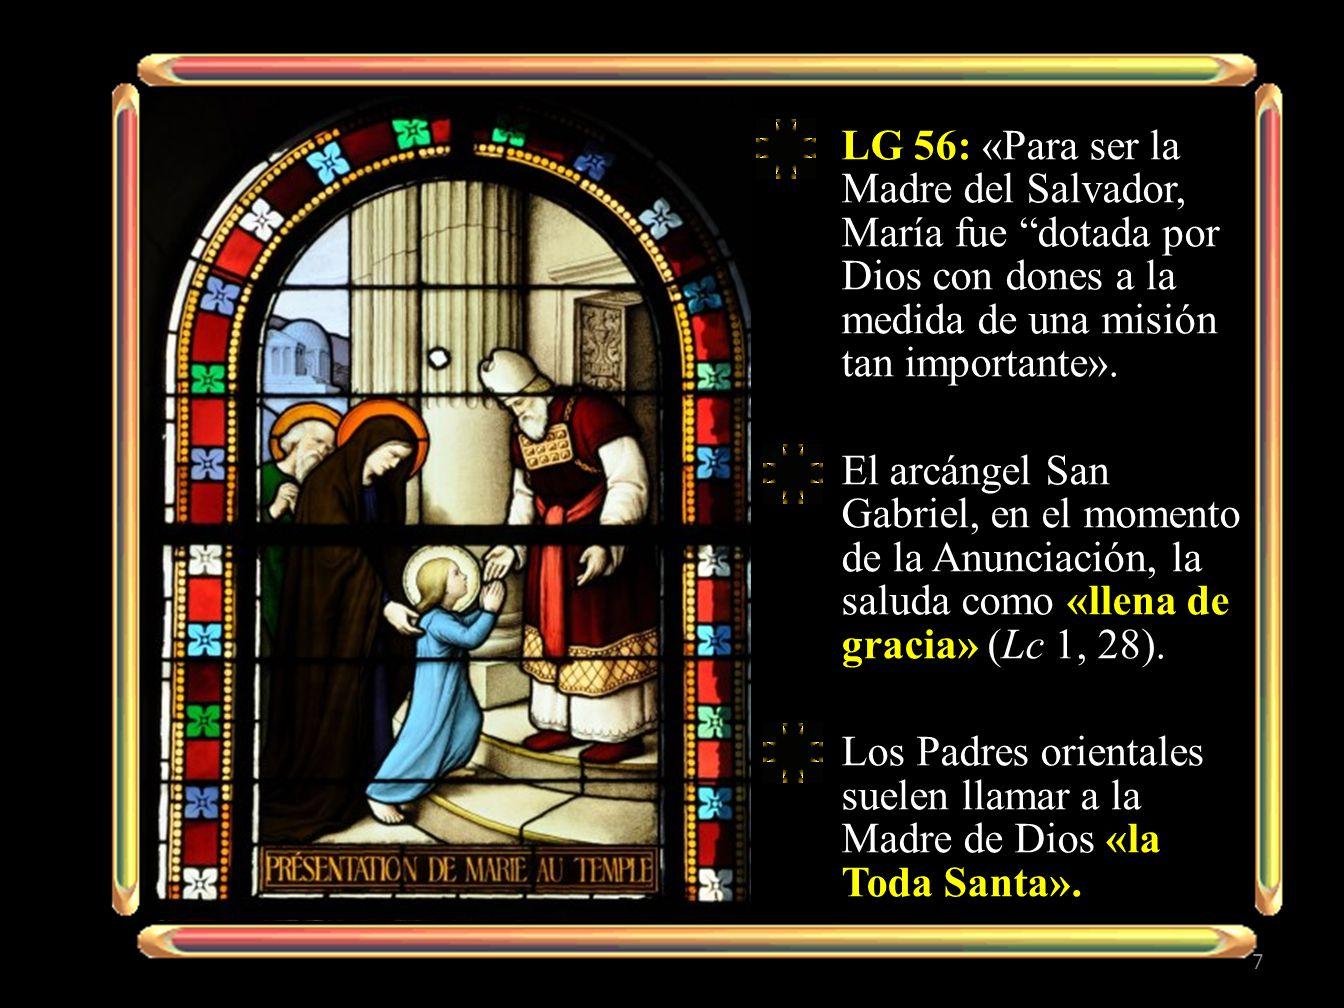 «María, hija de Adán, aceptando la palabra divina fue hecha Madre de Jesús, y abrazando la voluntad salvífica de Dios con generoso corazón y sin el impedimento de pecado alguno, se consagró totalmente a sí misma, cual esclava del Señor, a la persona y a la obra de su Hijo, sirviendo al misterio de la Redención con El y bajo El, por la gracia de Dios omnipotente».